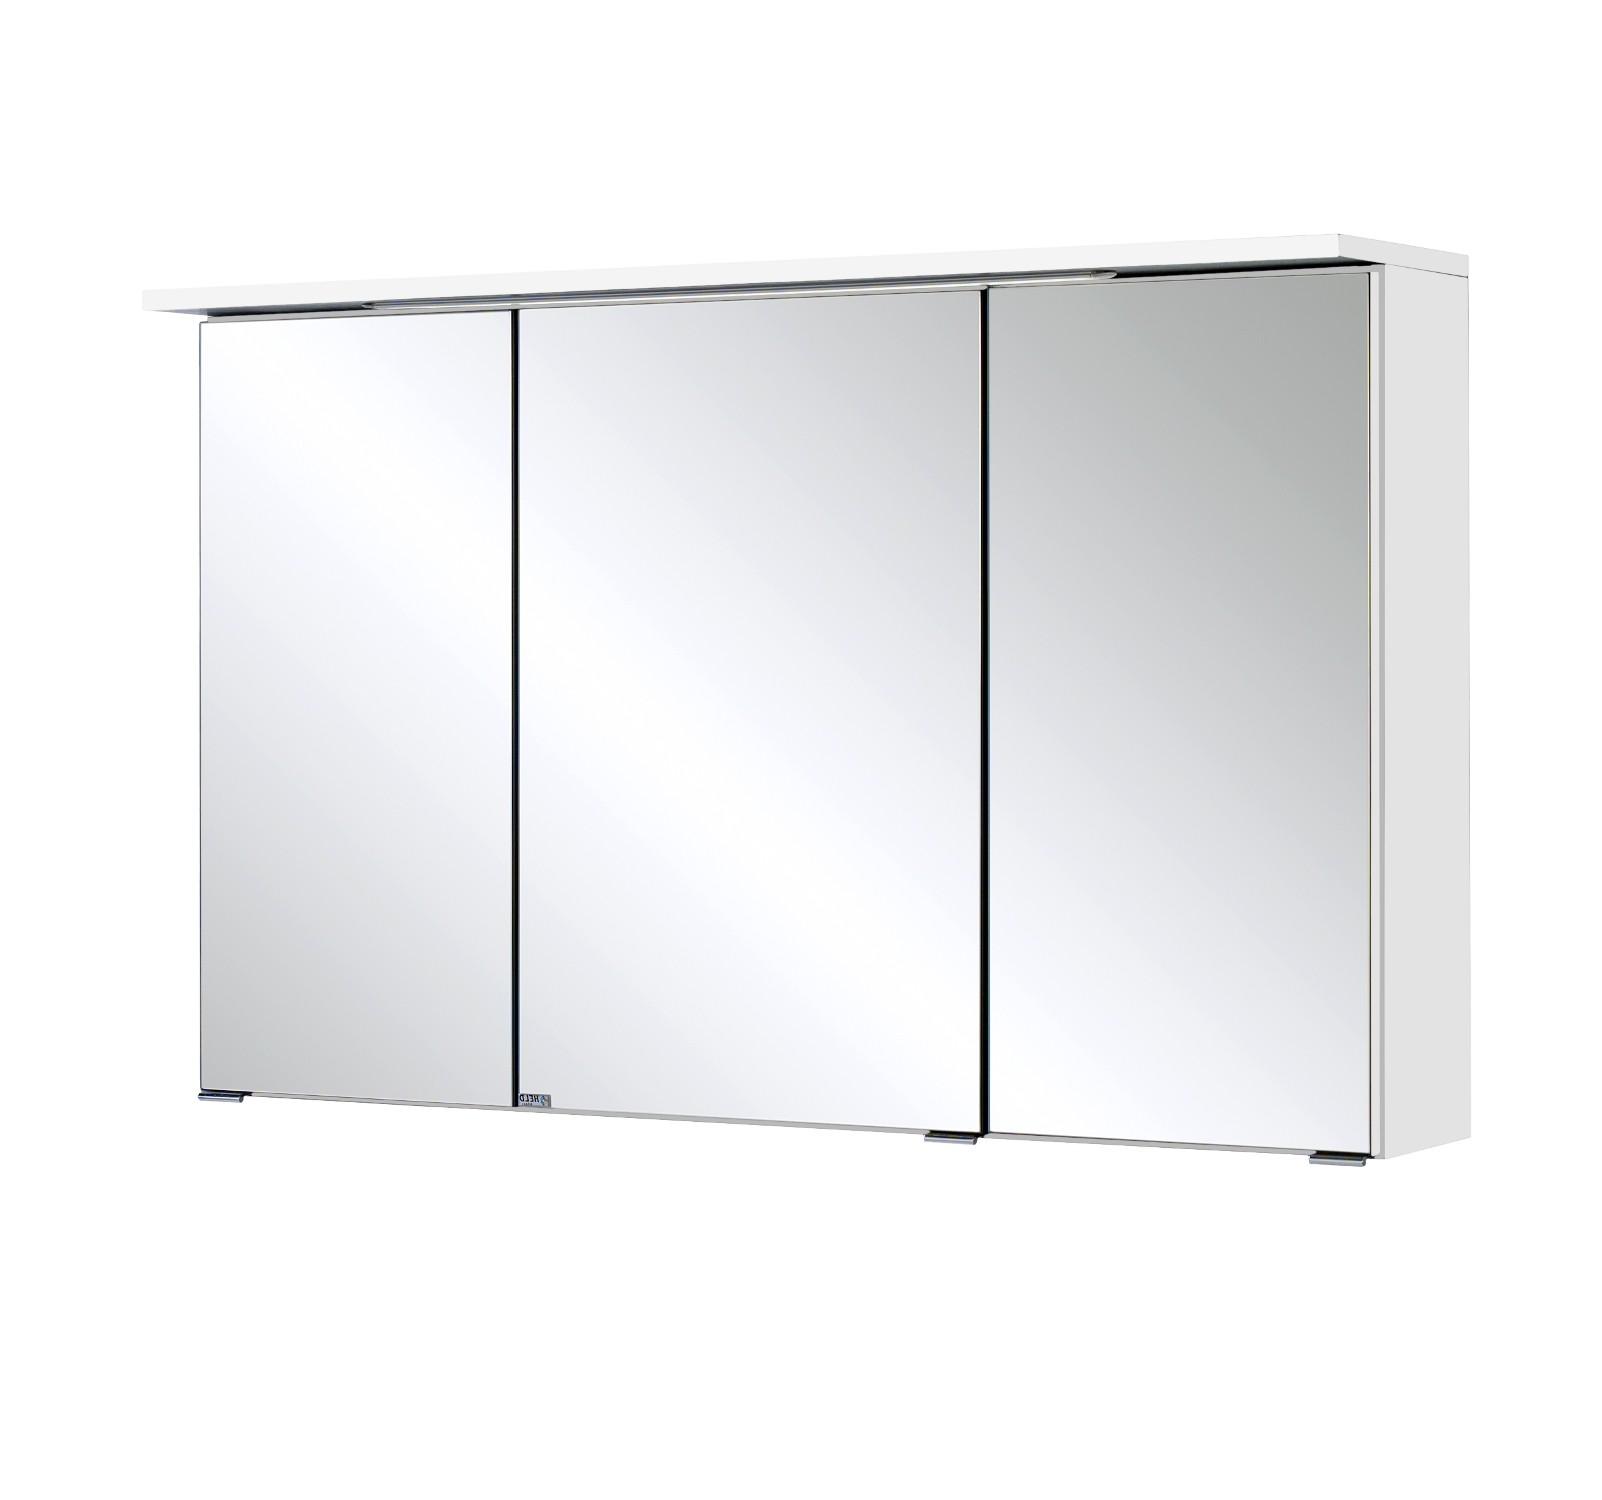 Bad spiegelschrank bologna 3 t rig mit led lichtleiste 100 cm breit wei bad spiegelschr nke - Spiegelschrank bad 100 cm ...